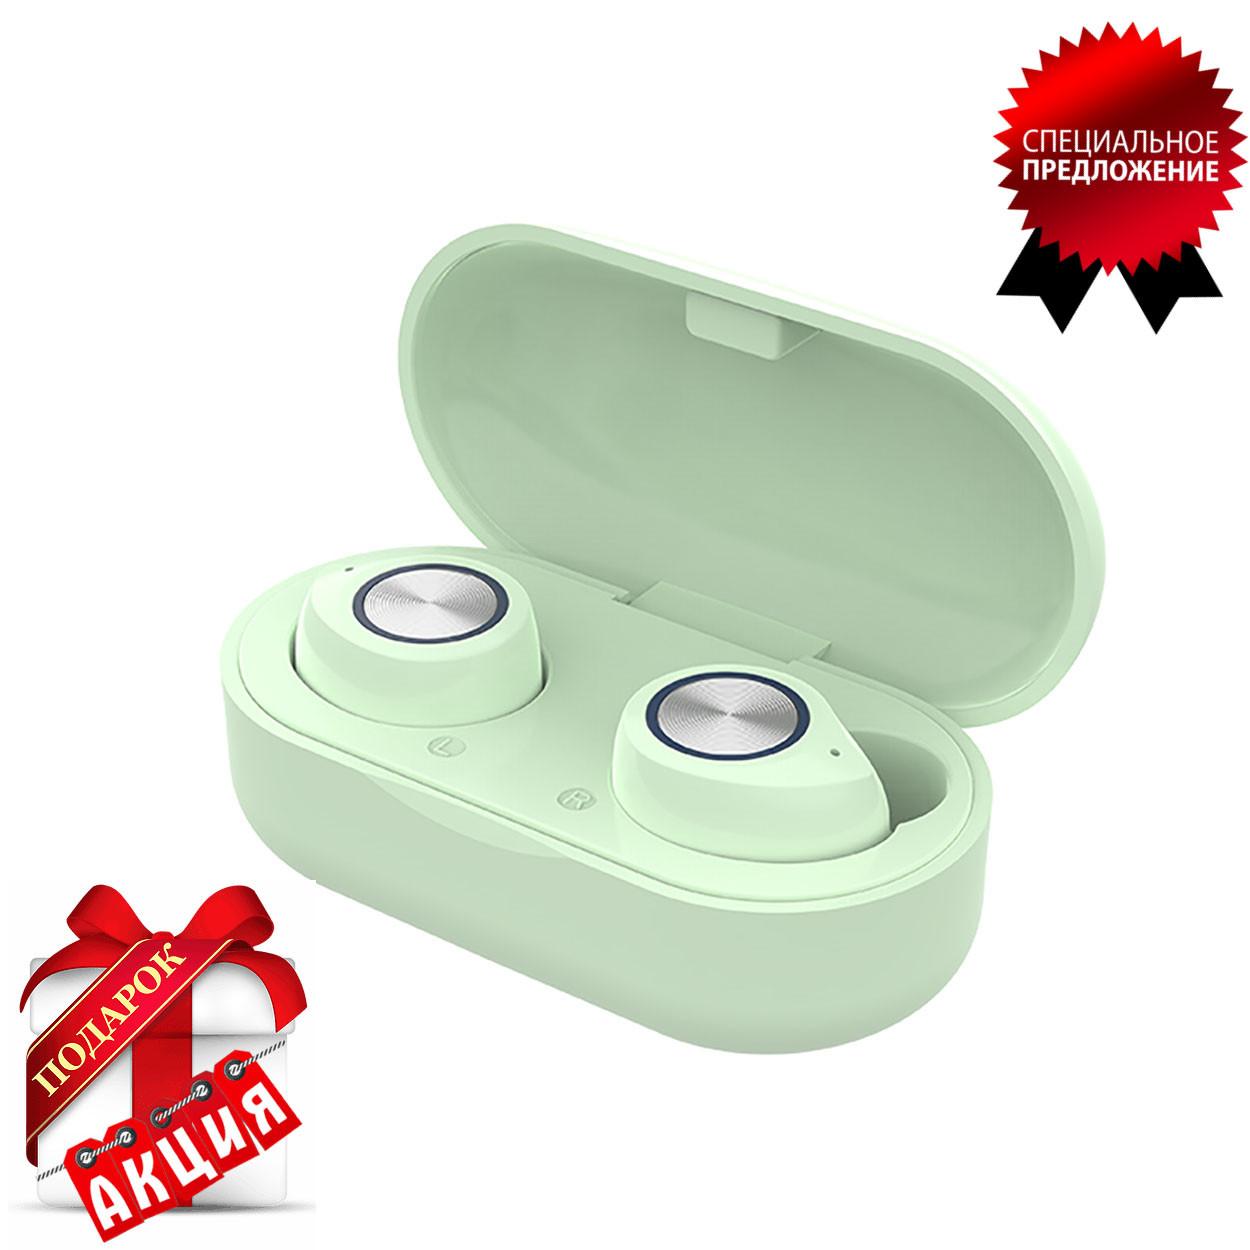 Наушники беспроводные блютуз гарнитура Bluetooth наушники 5.0 Wi-pods TW60. Зеленые